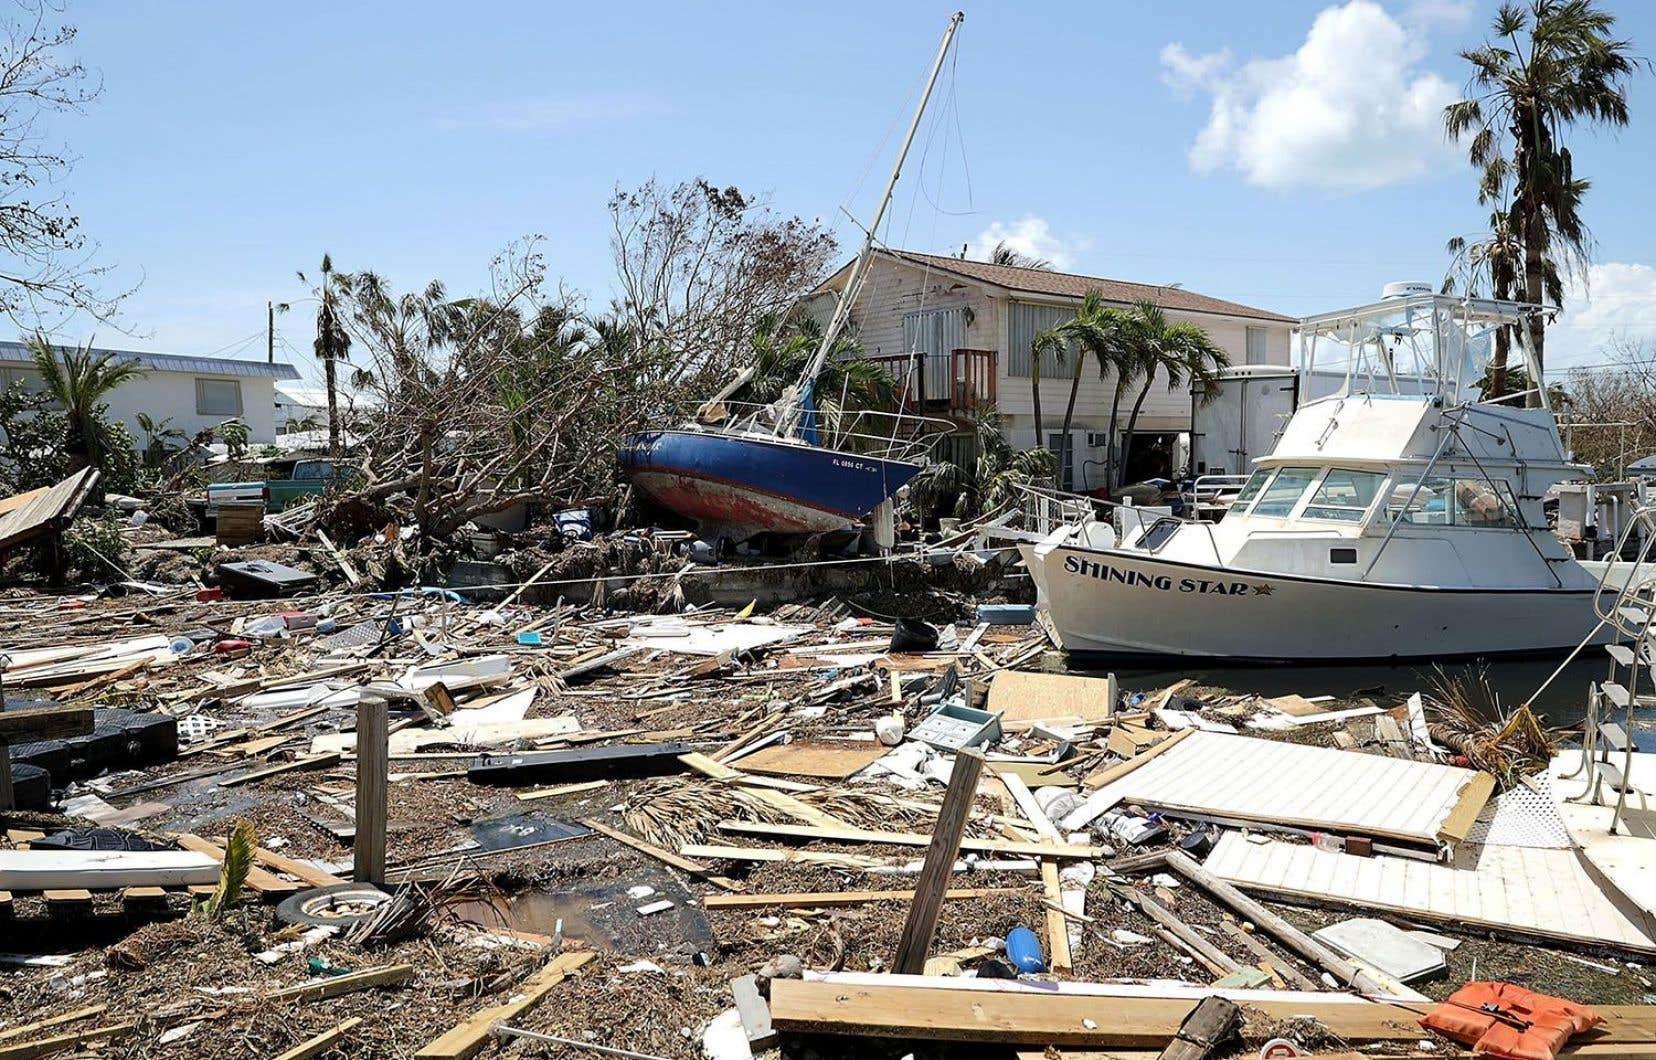 Dans le sillage d'«Irma», lesgravats accumulés témoignent de la puissance de la tempête.